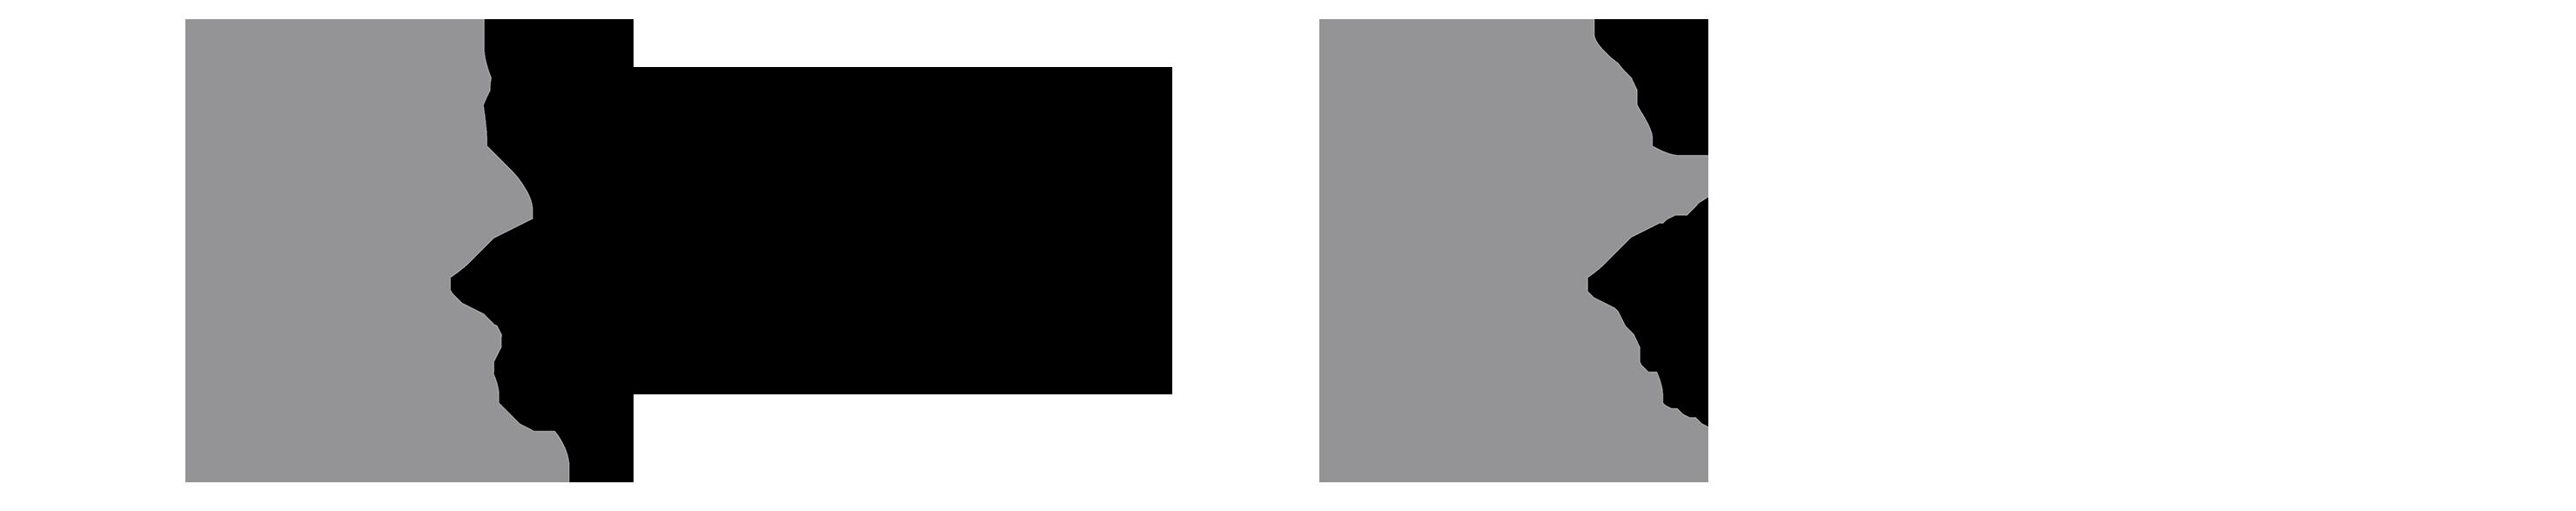 Typeface-Novel-Sans-F08-Atlas-Font-Foundry